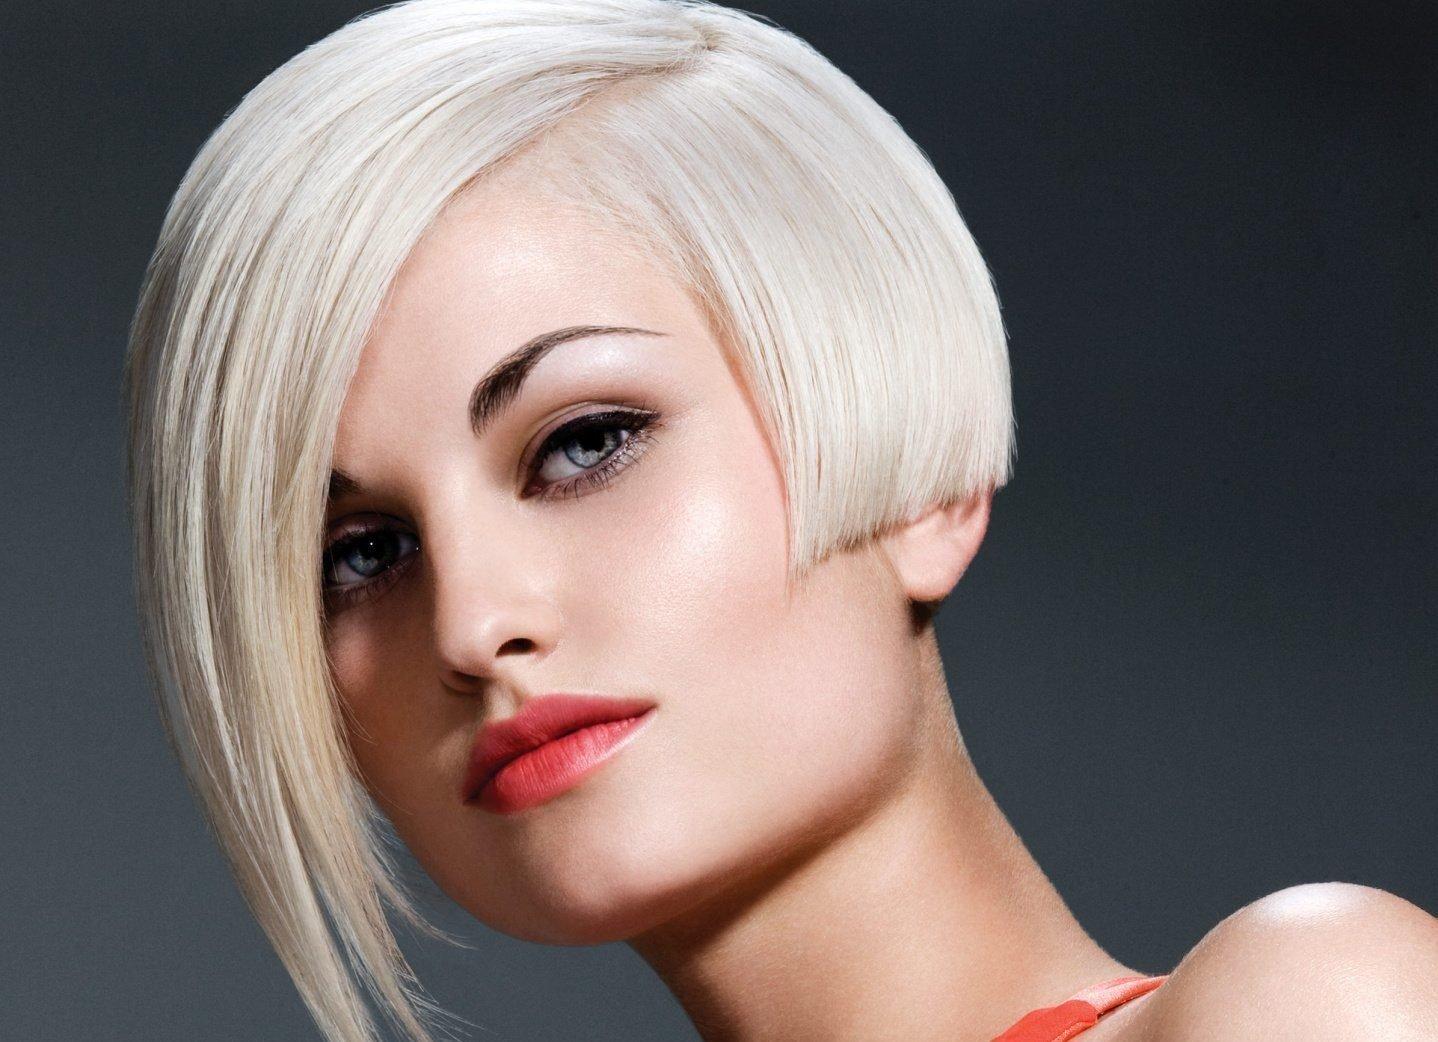 Лунный календарь стрижек для роста волос: благоприятные дни, когда лучше стричь волосы для быстрого отрастания